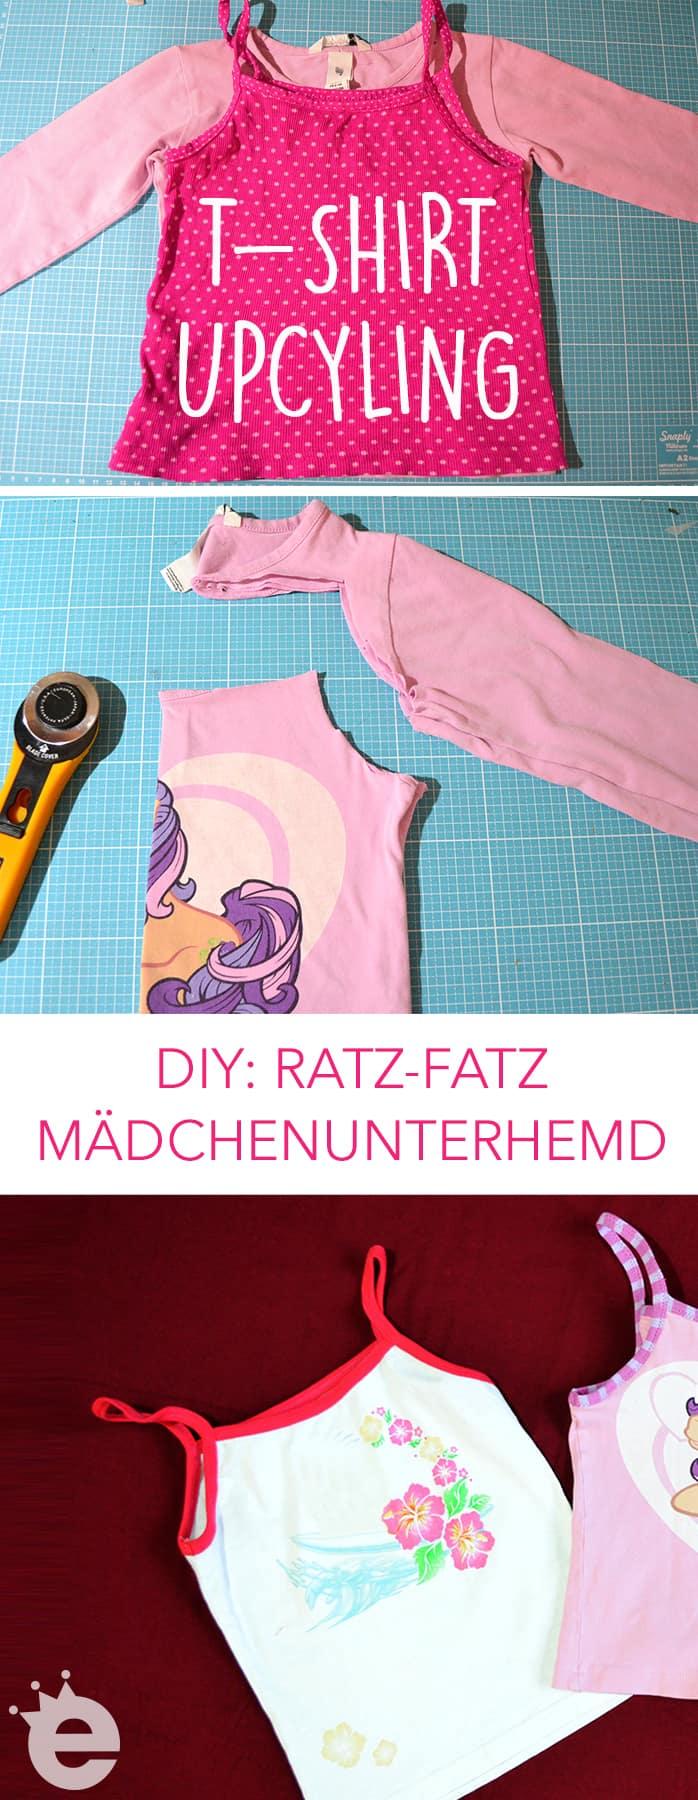 Shirt-Upcycling: DIY Nähanleitung Aus Longsleeve mach Unterhemd. Trägertop aus zu kleinem Shirt nähen